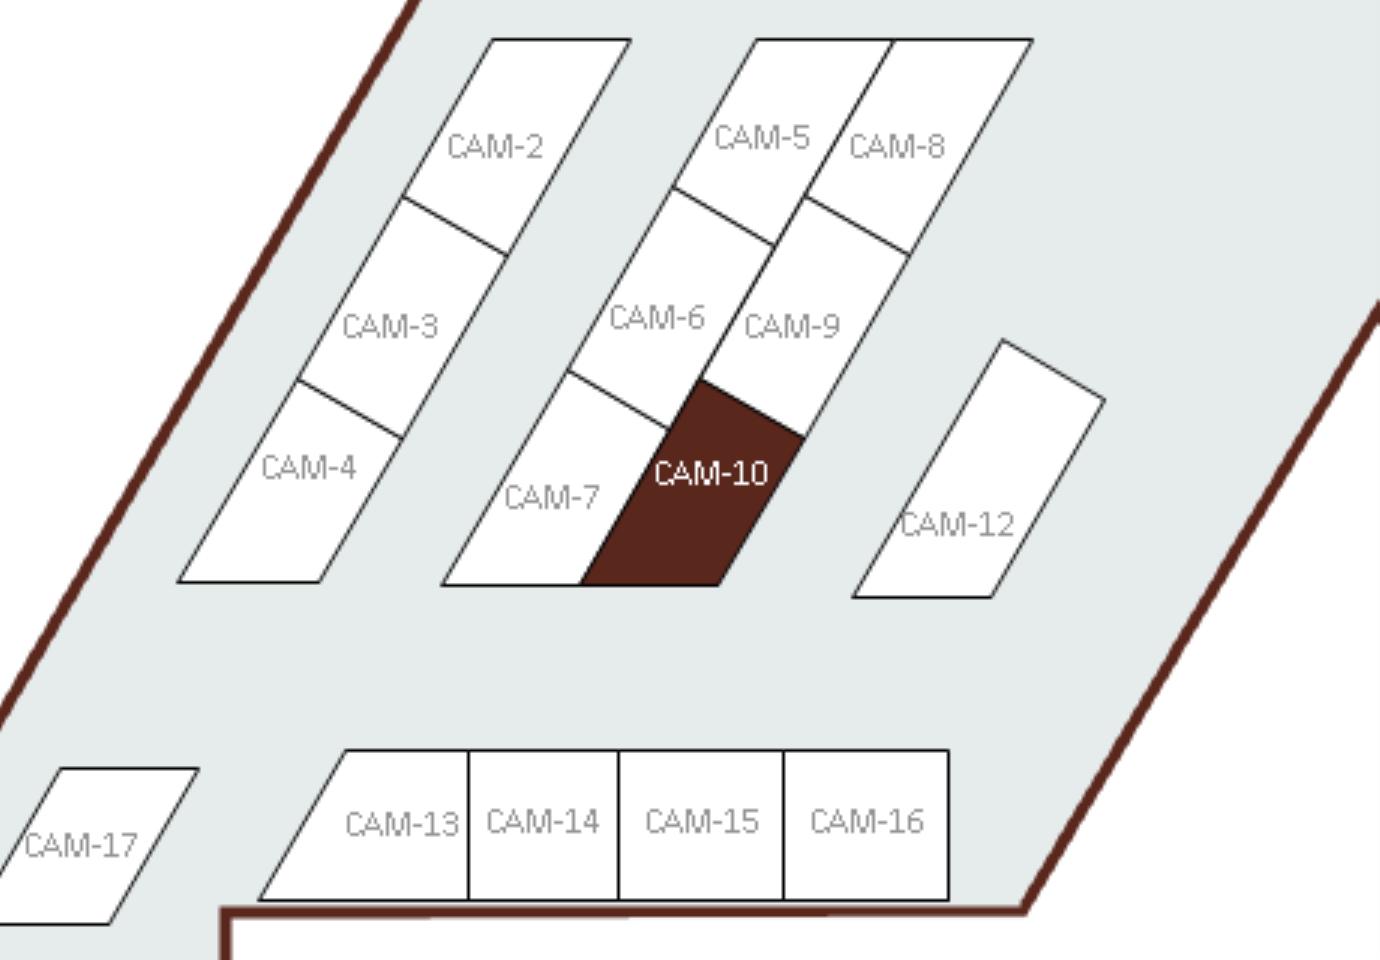 FOYWEST / CAM-10